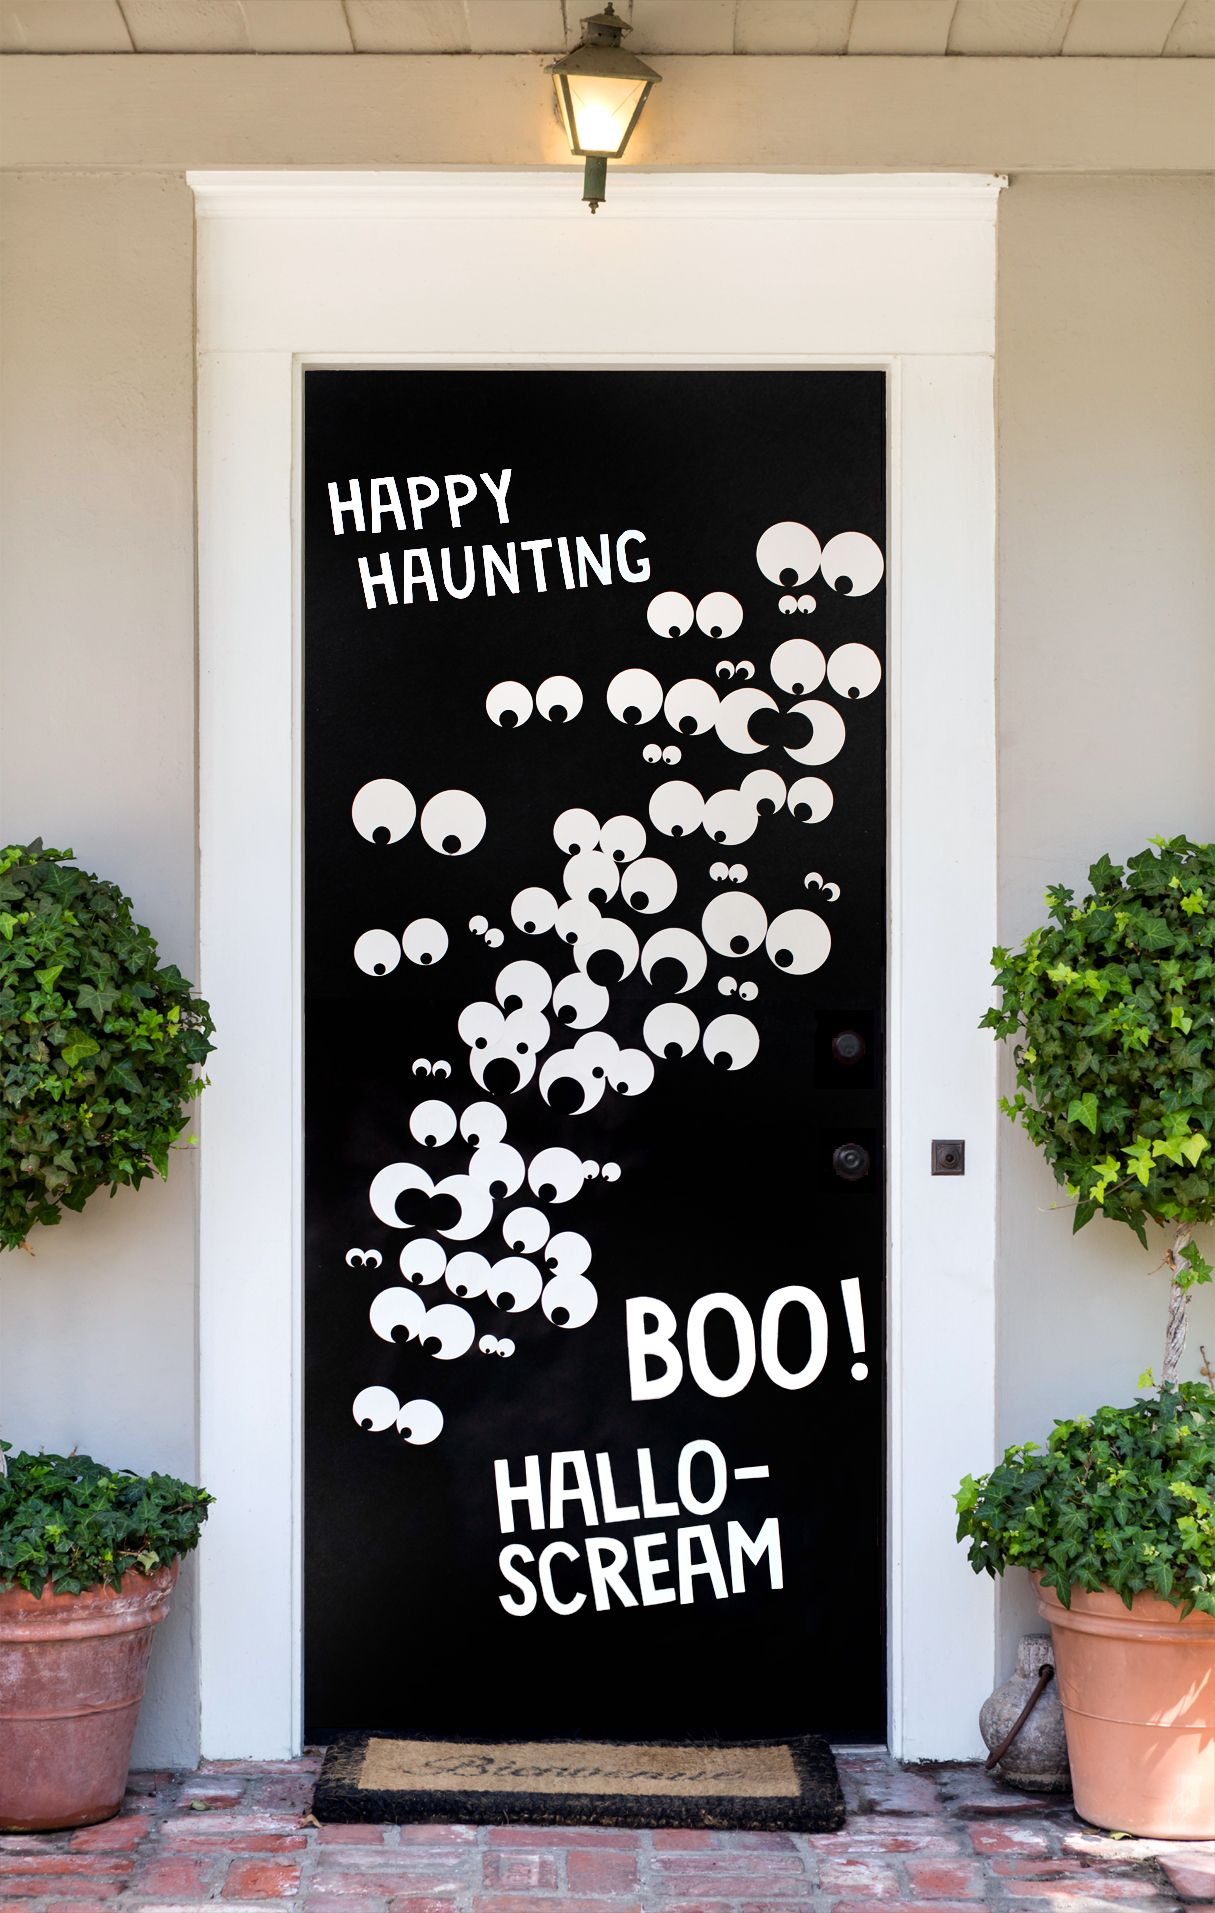 DIY Halloween Front Door Cover Ideas by Halloween parties - Front Door Halloween Decoration Ideas